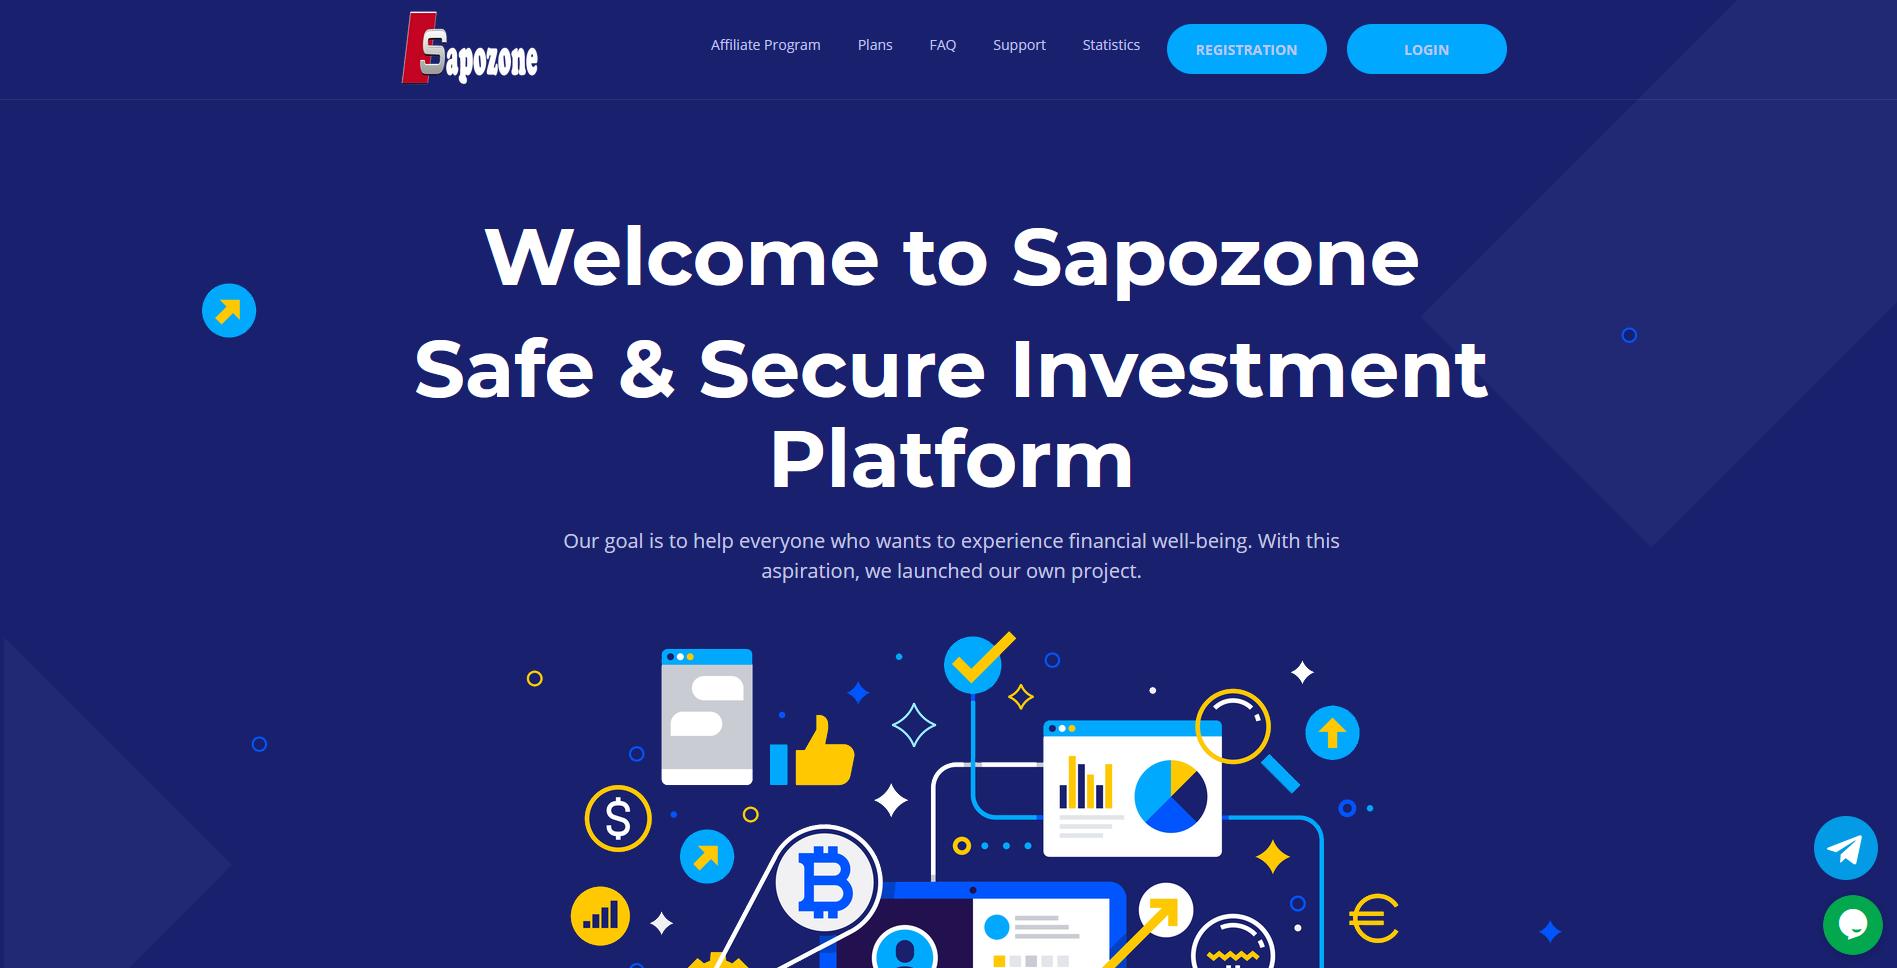 Sapozone - sapozone.com